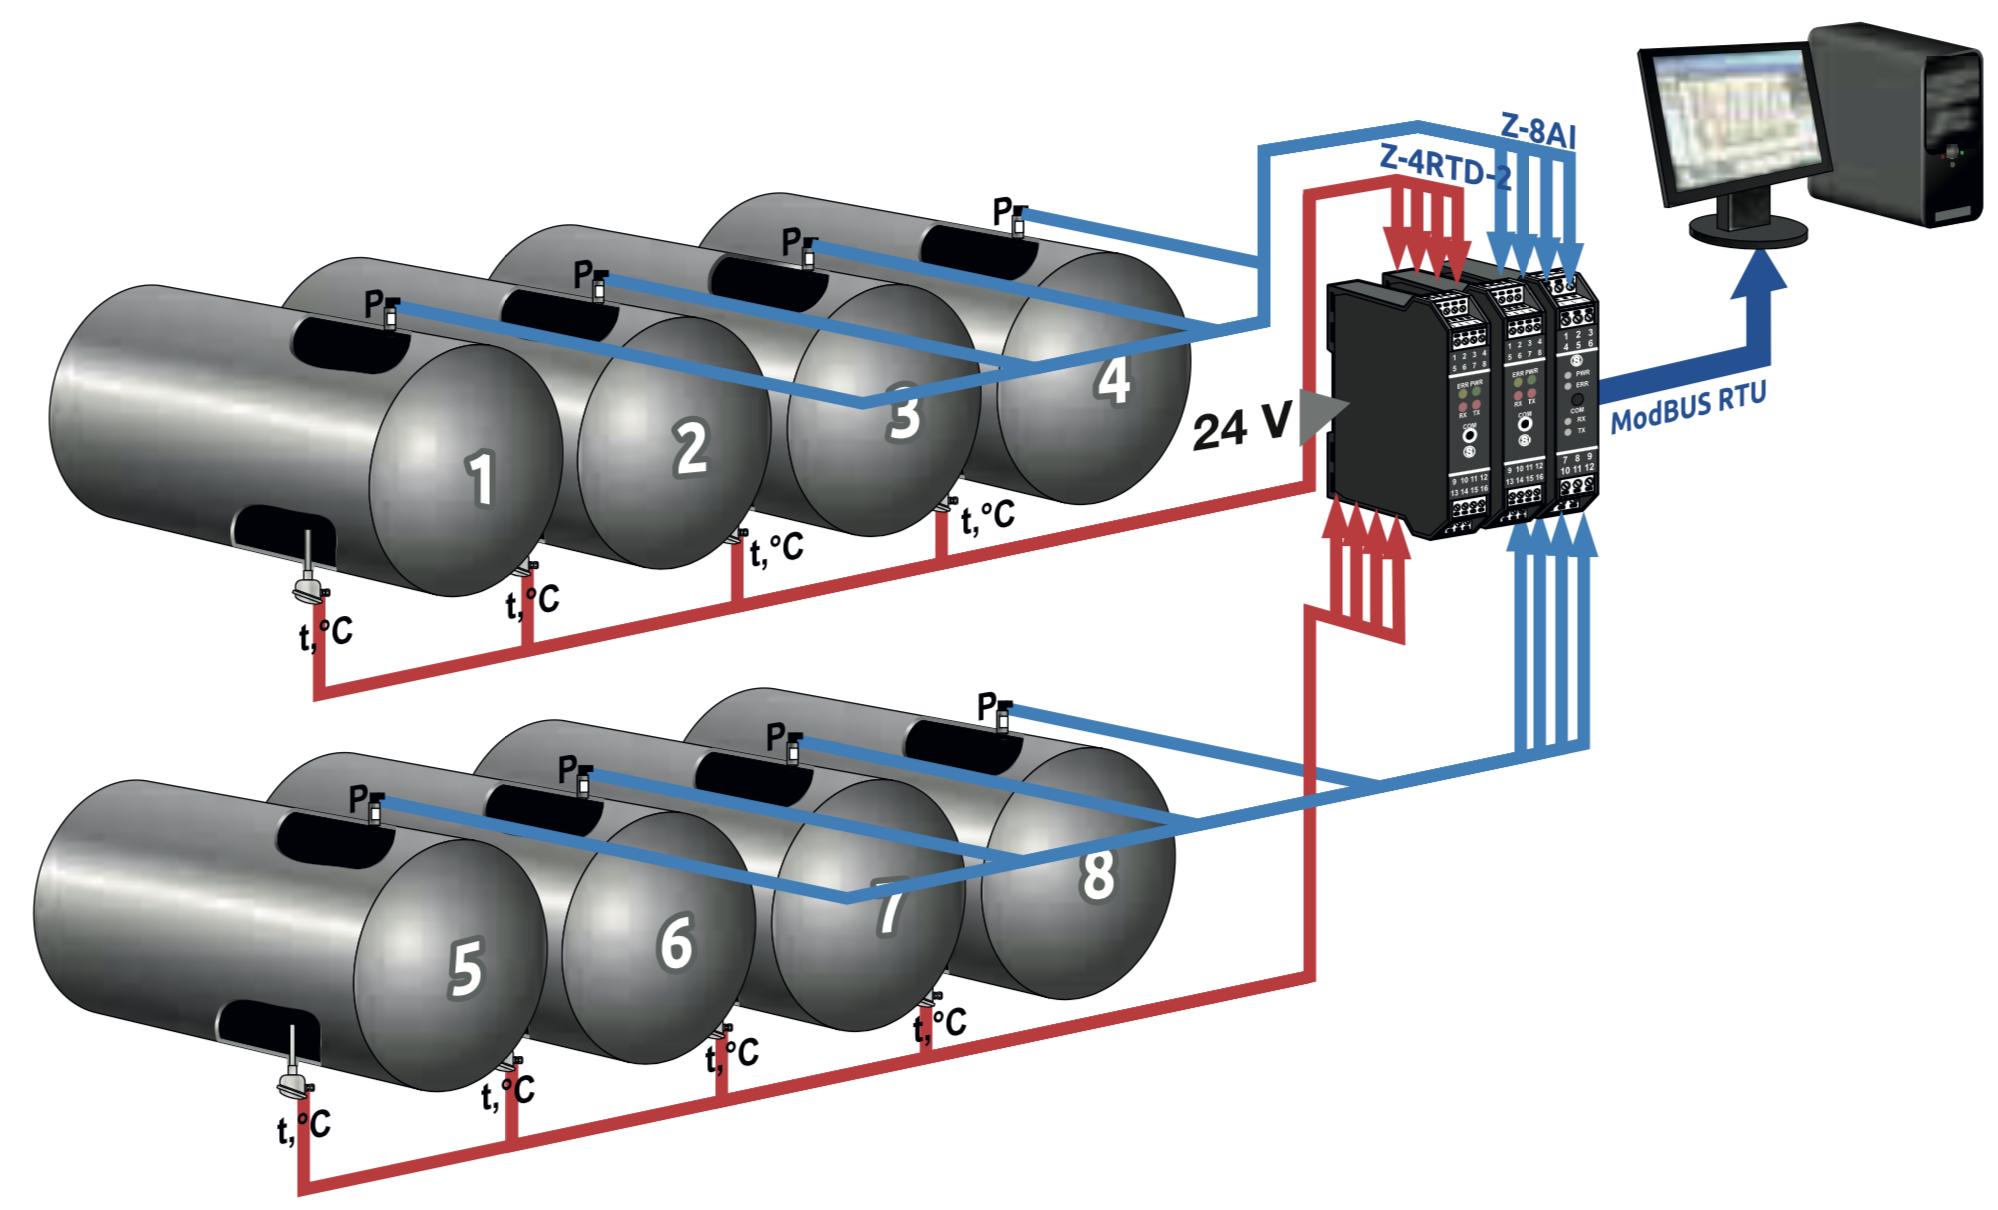 Z-4RTD nhận cùng lúc 4 tín hiệu từ cảm biến nhiệt độ Pt100